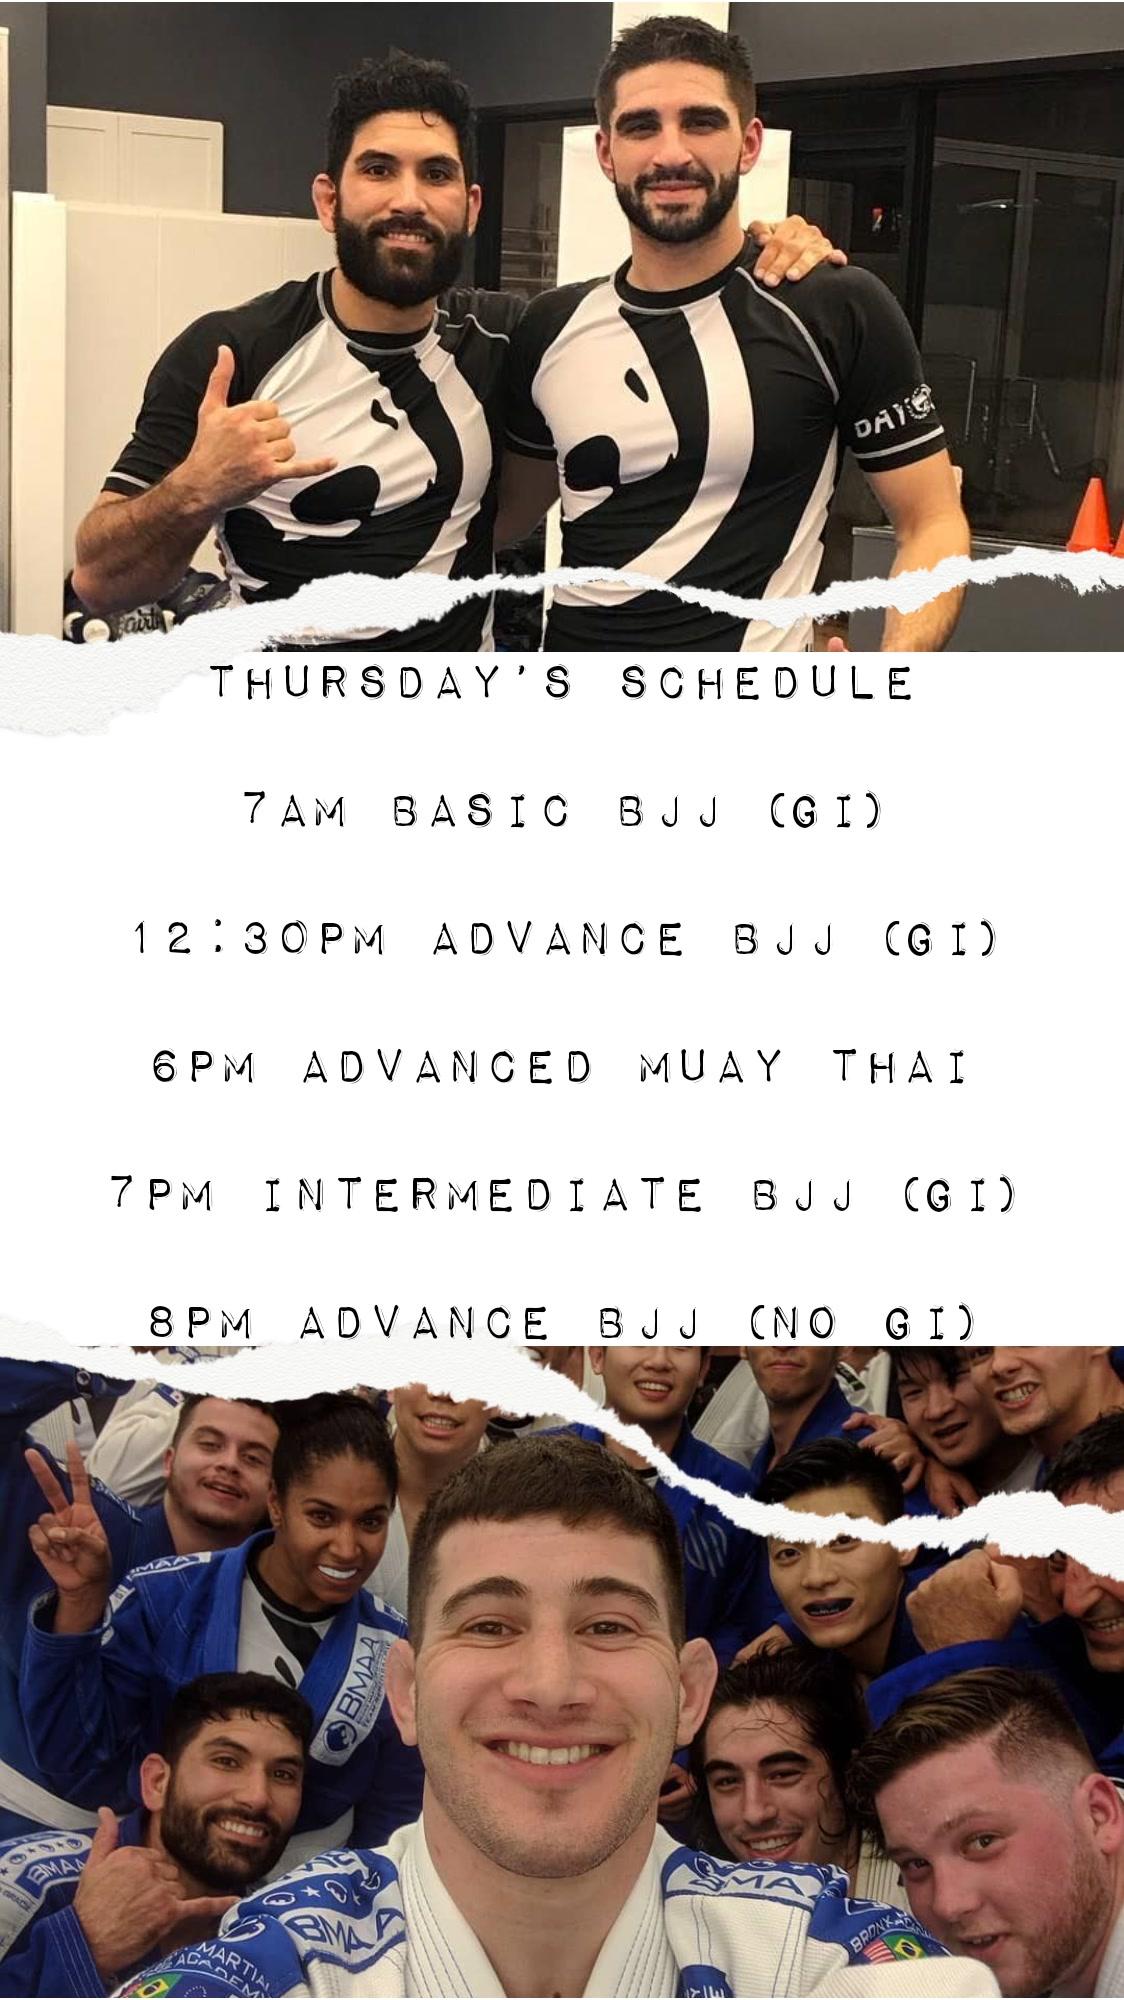 Bayside - Thursday.jpg